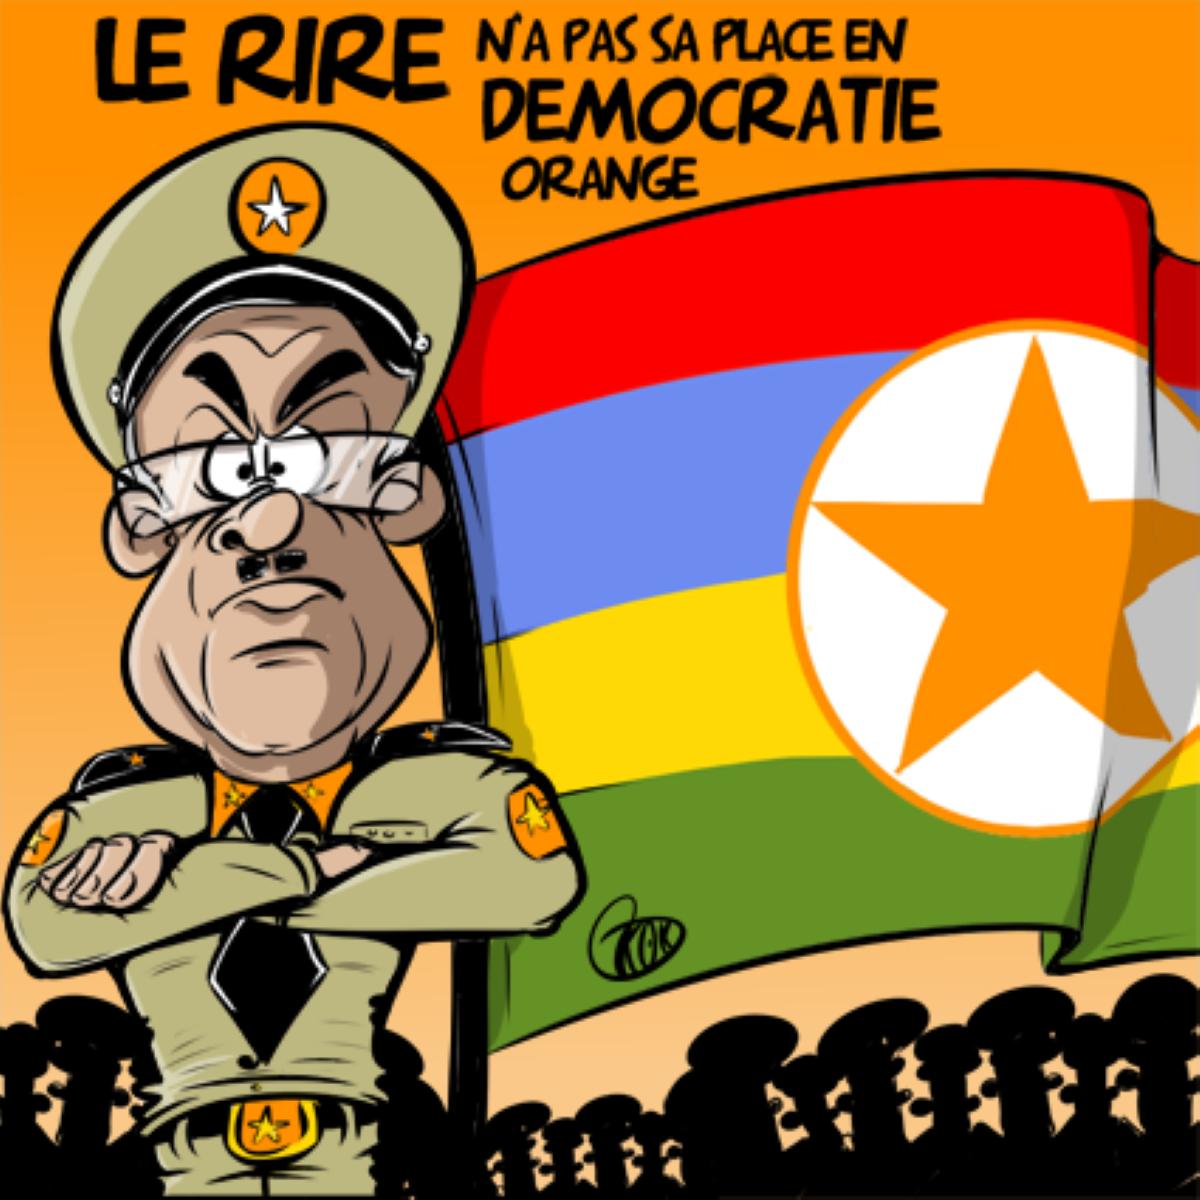 [KOK] Le dessin du jour : Le rire n'a pas sa place en démocratie orange